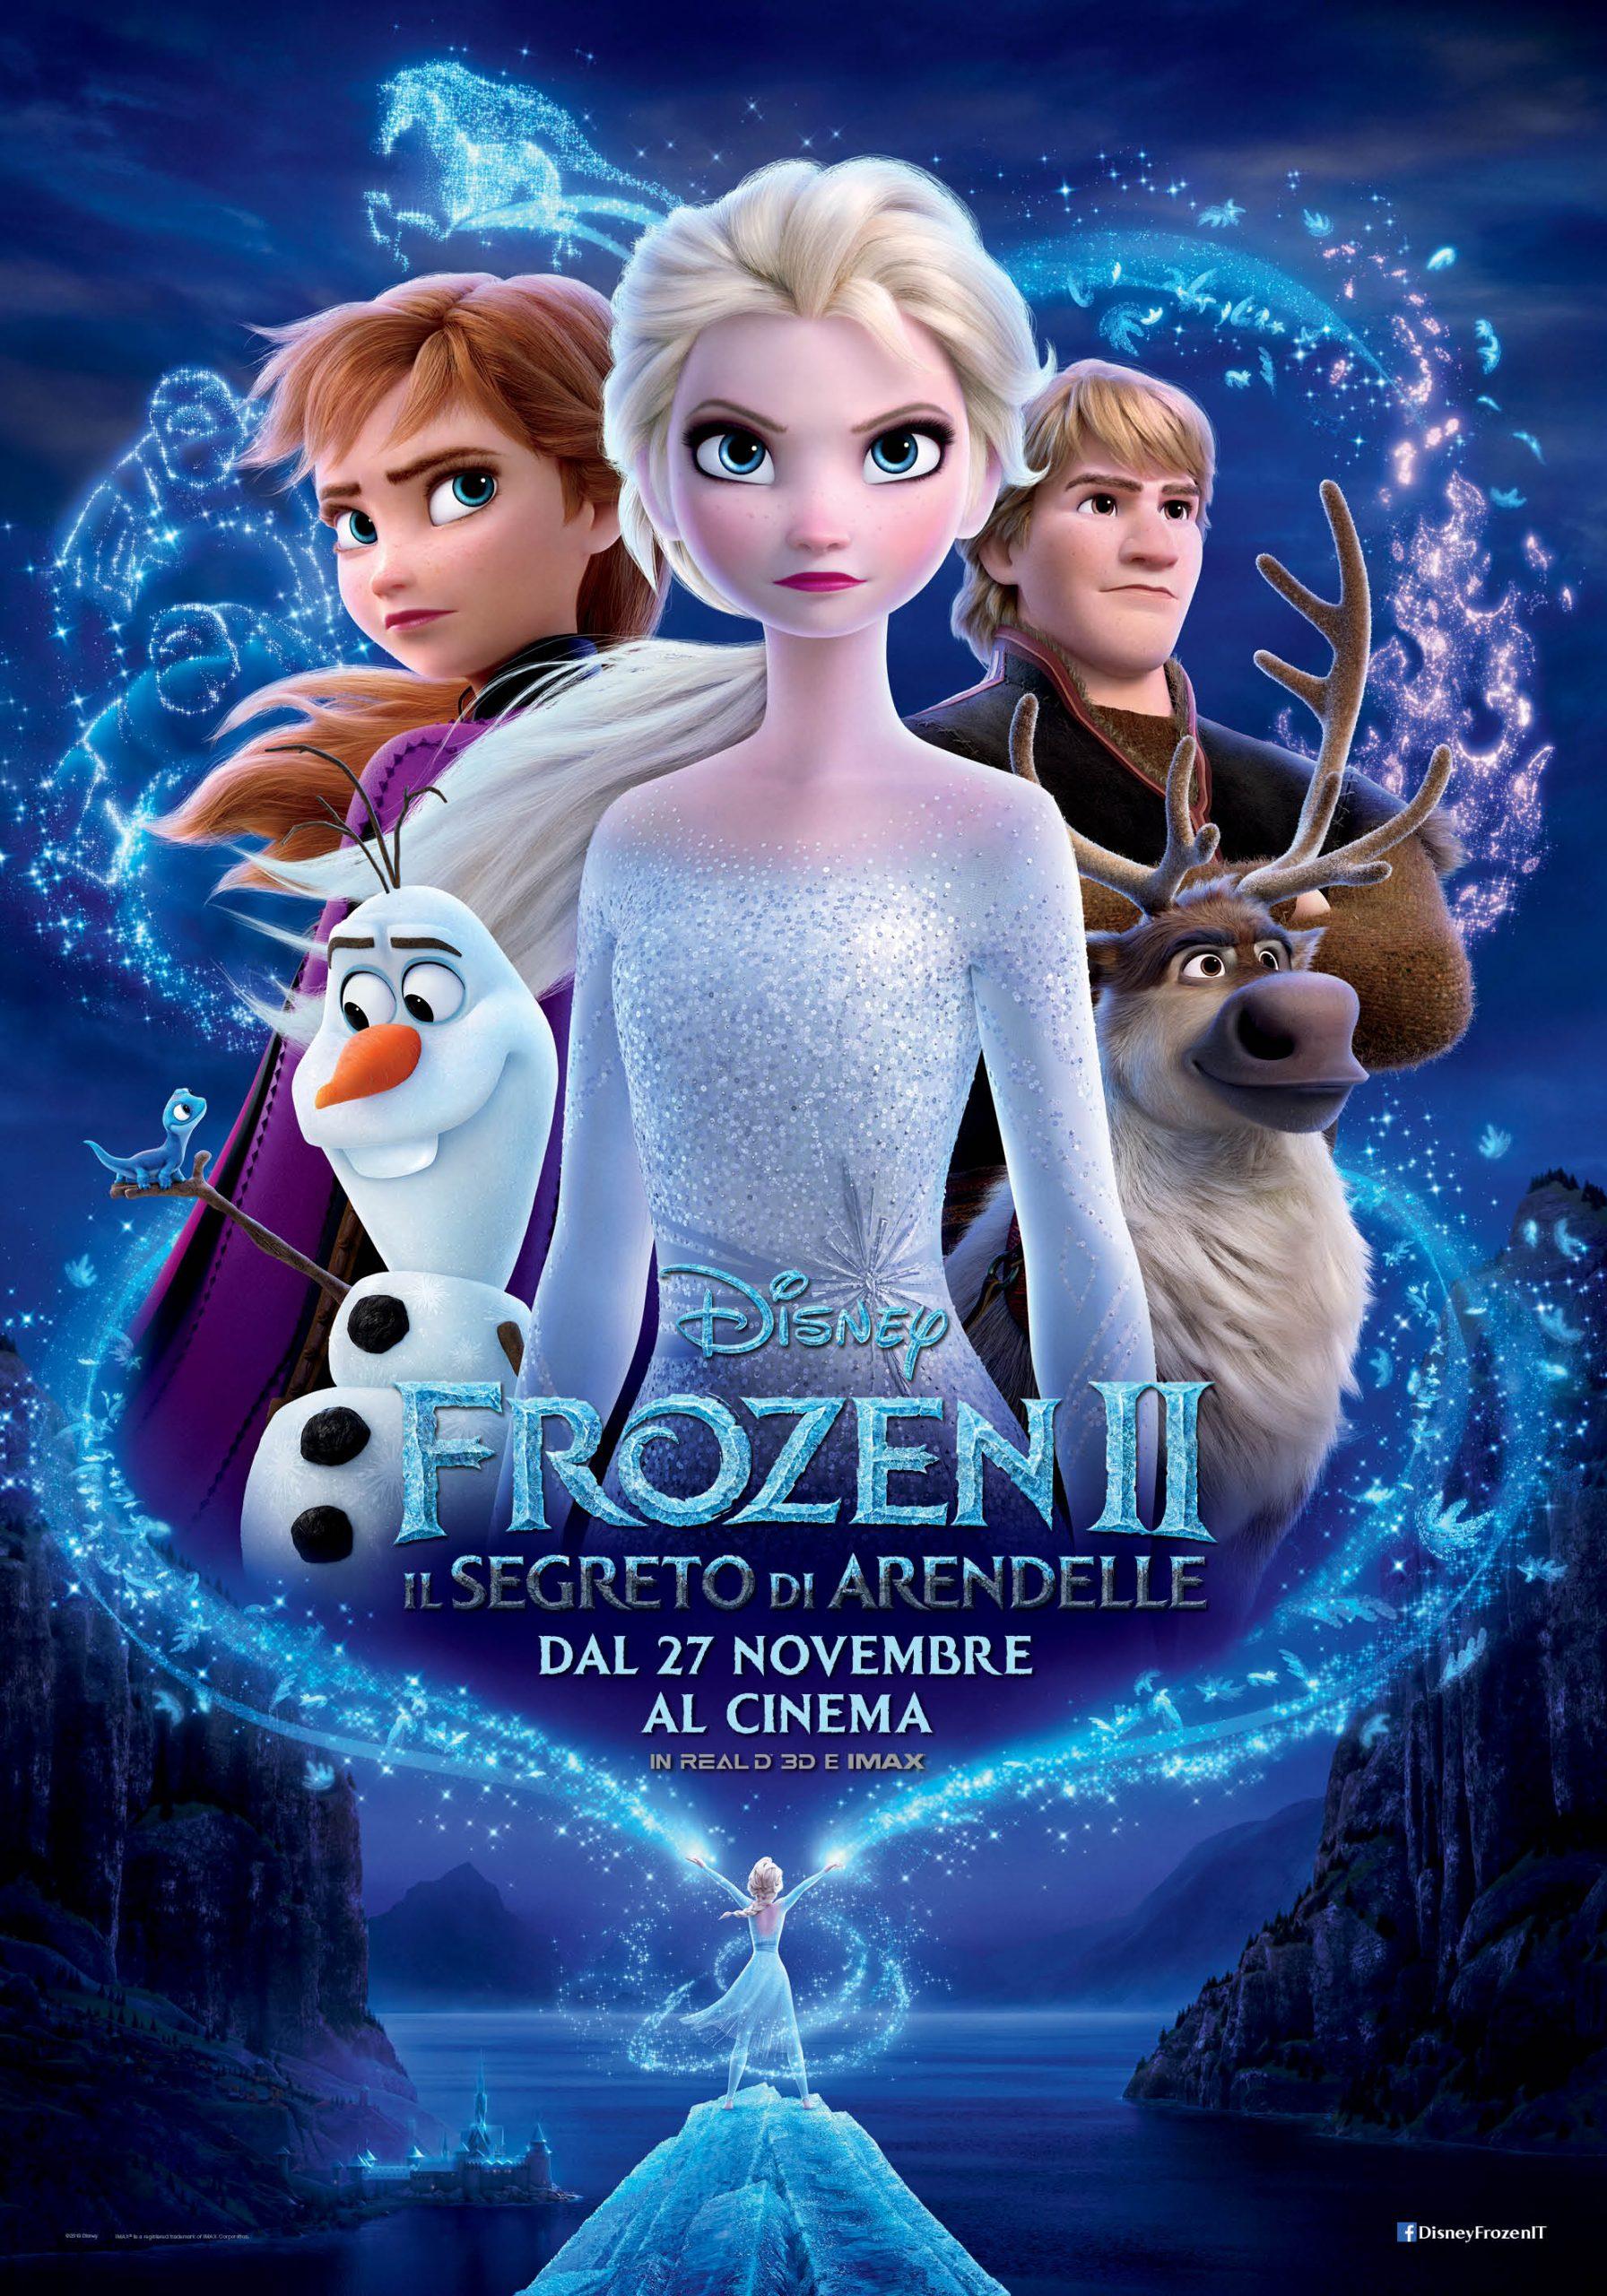 recensione-frozen-2-il-regno-di-arendelle